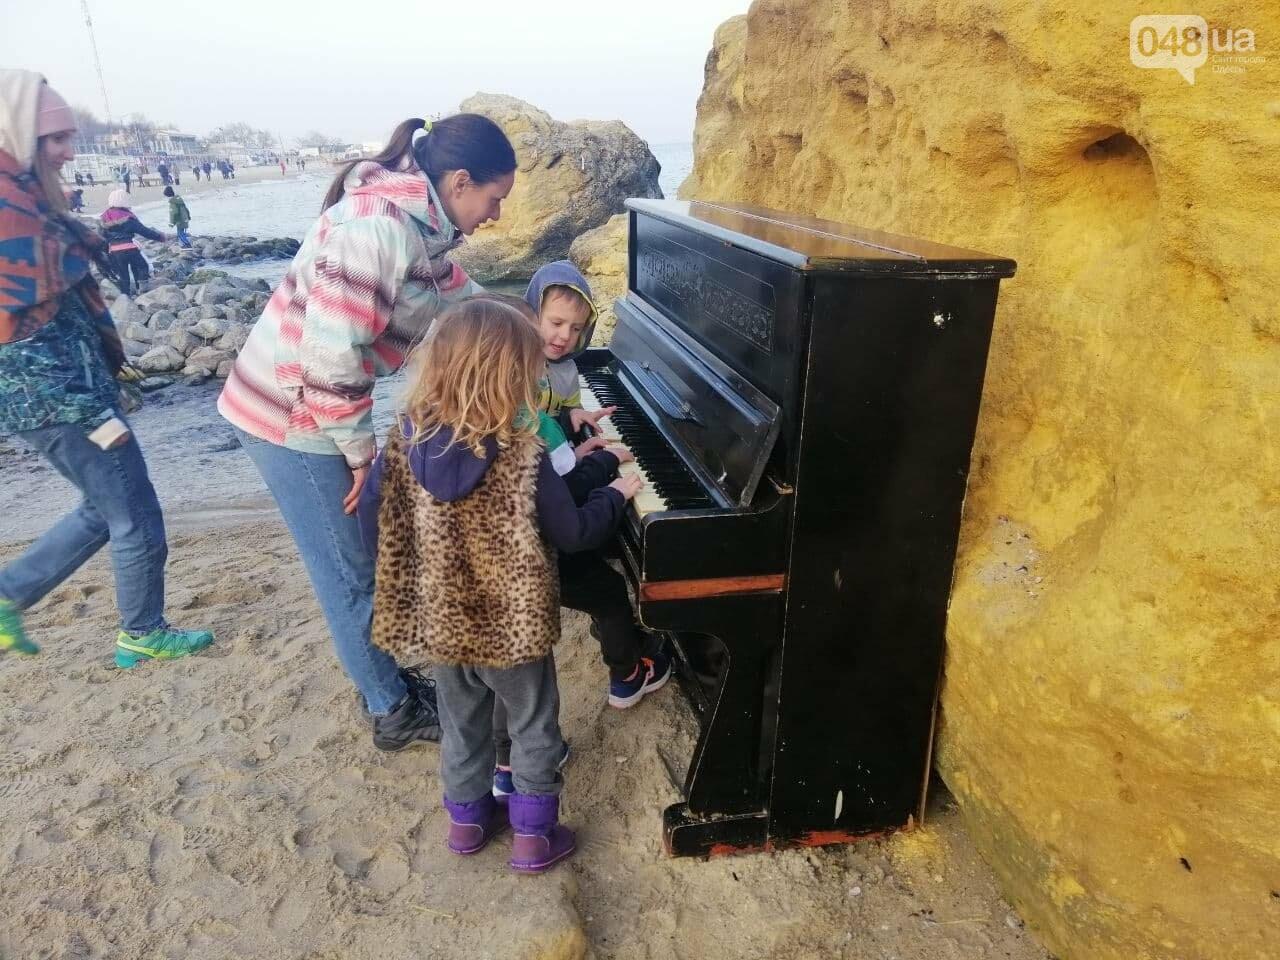 Пианино на Отраде: В Одессе на пляже звучит музыка,- ФОТО, ВИДЕО , фото-5